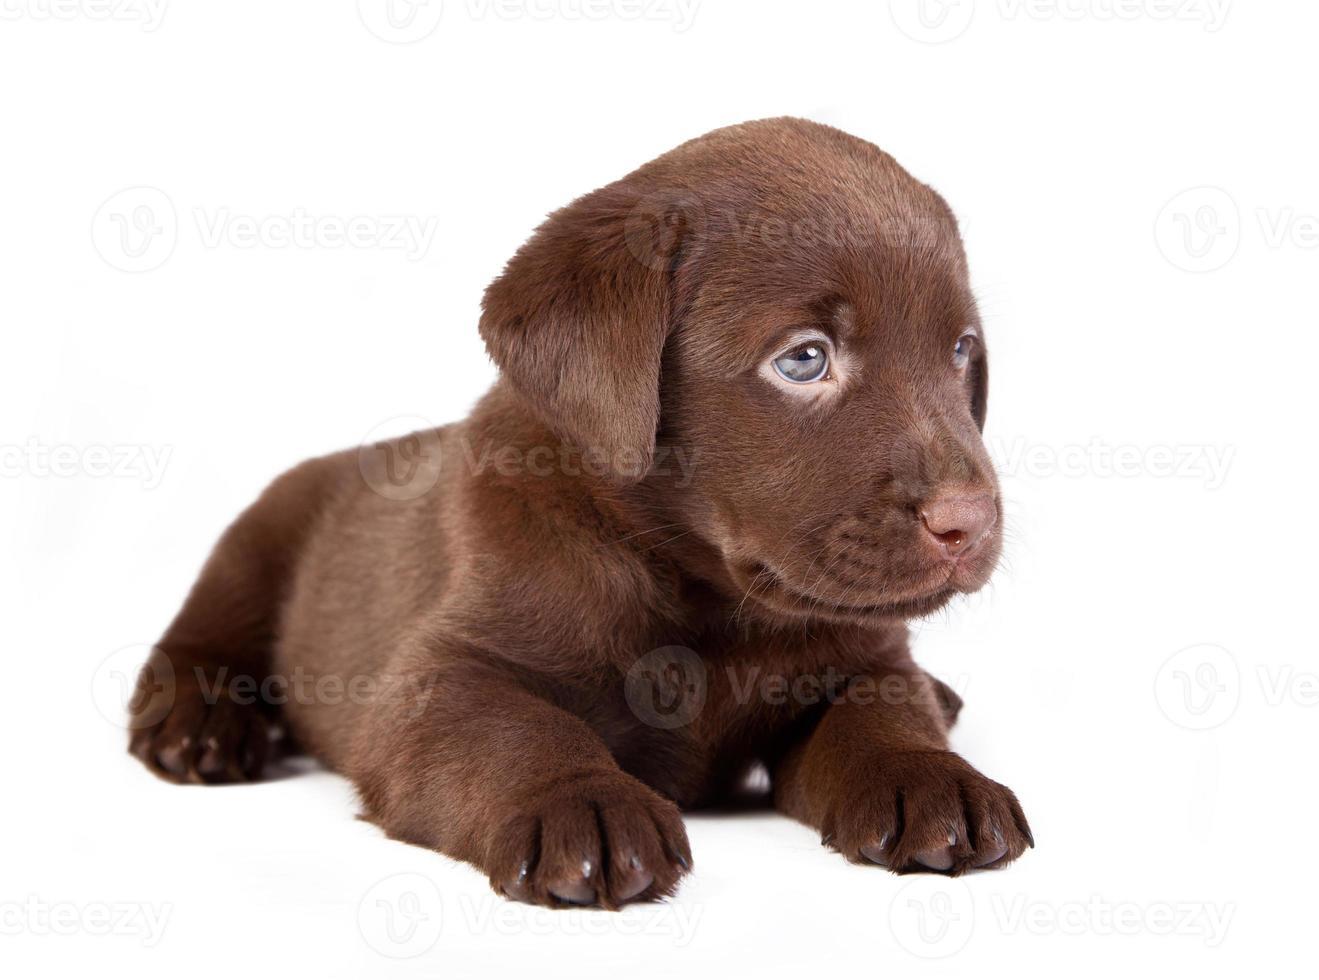 chocolade puppy labrador ligt op het wit foto